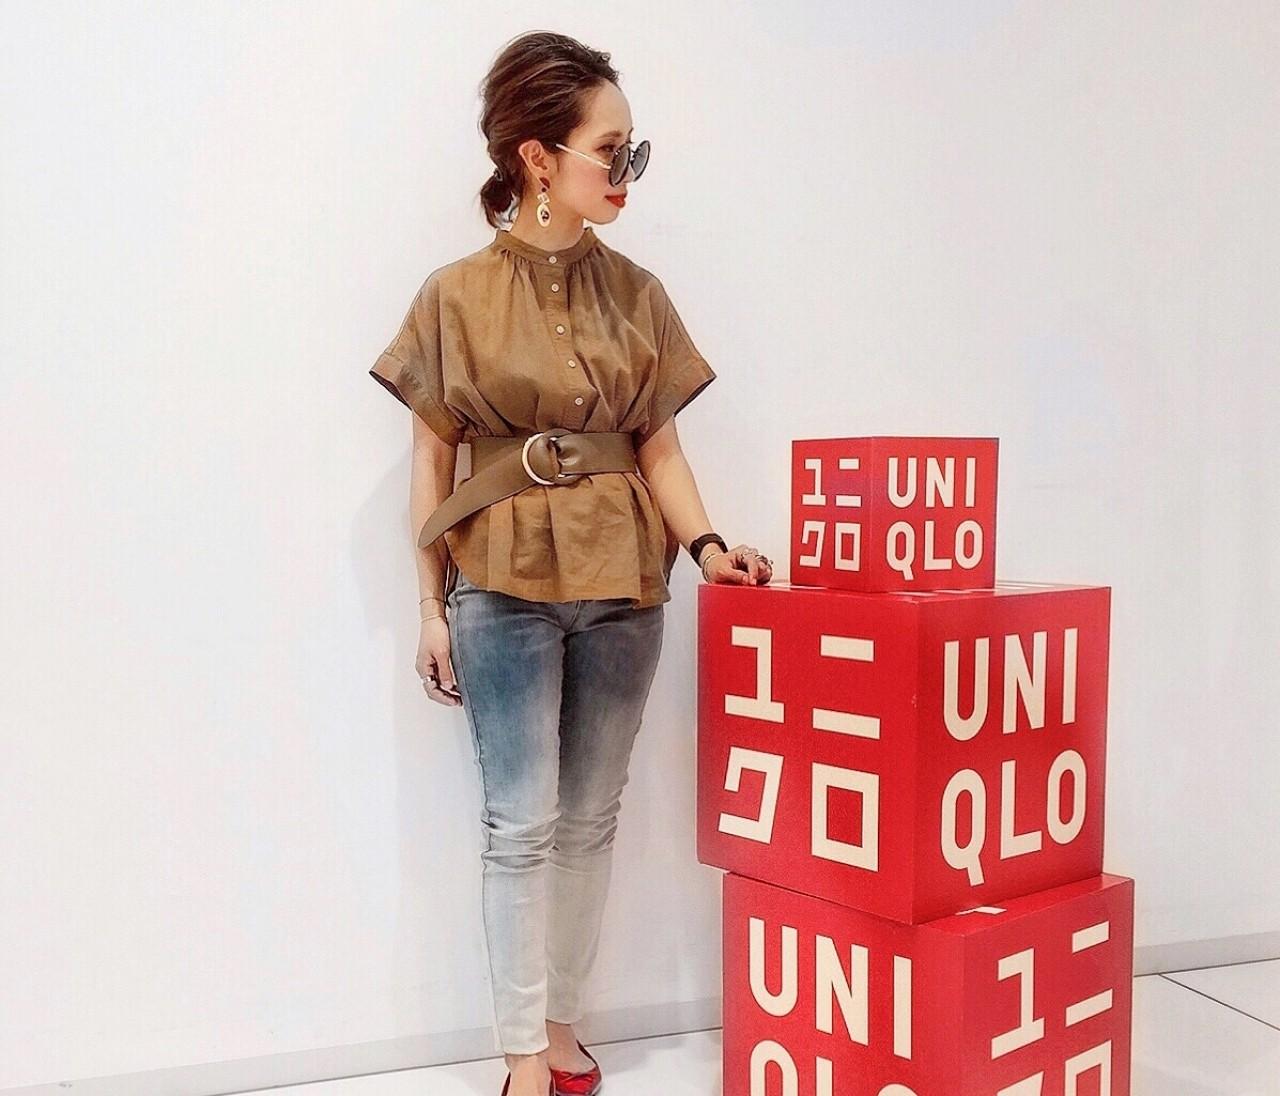 #ユニシャツ 似合うシャツを求めてユニクロのシャツ展示会へ♩